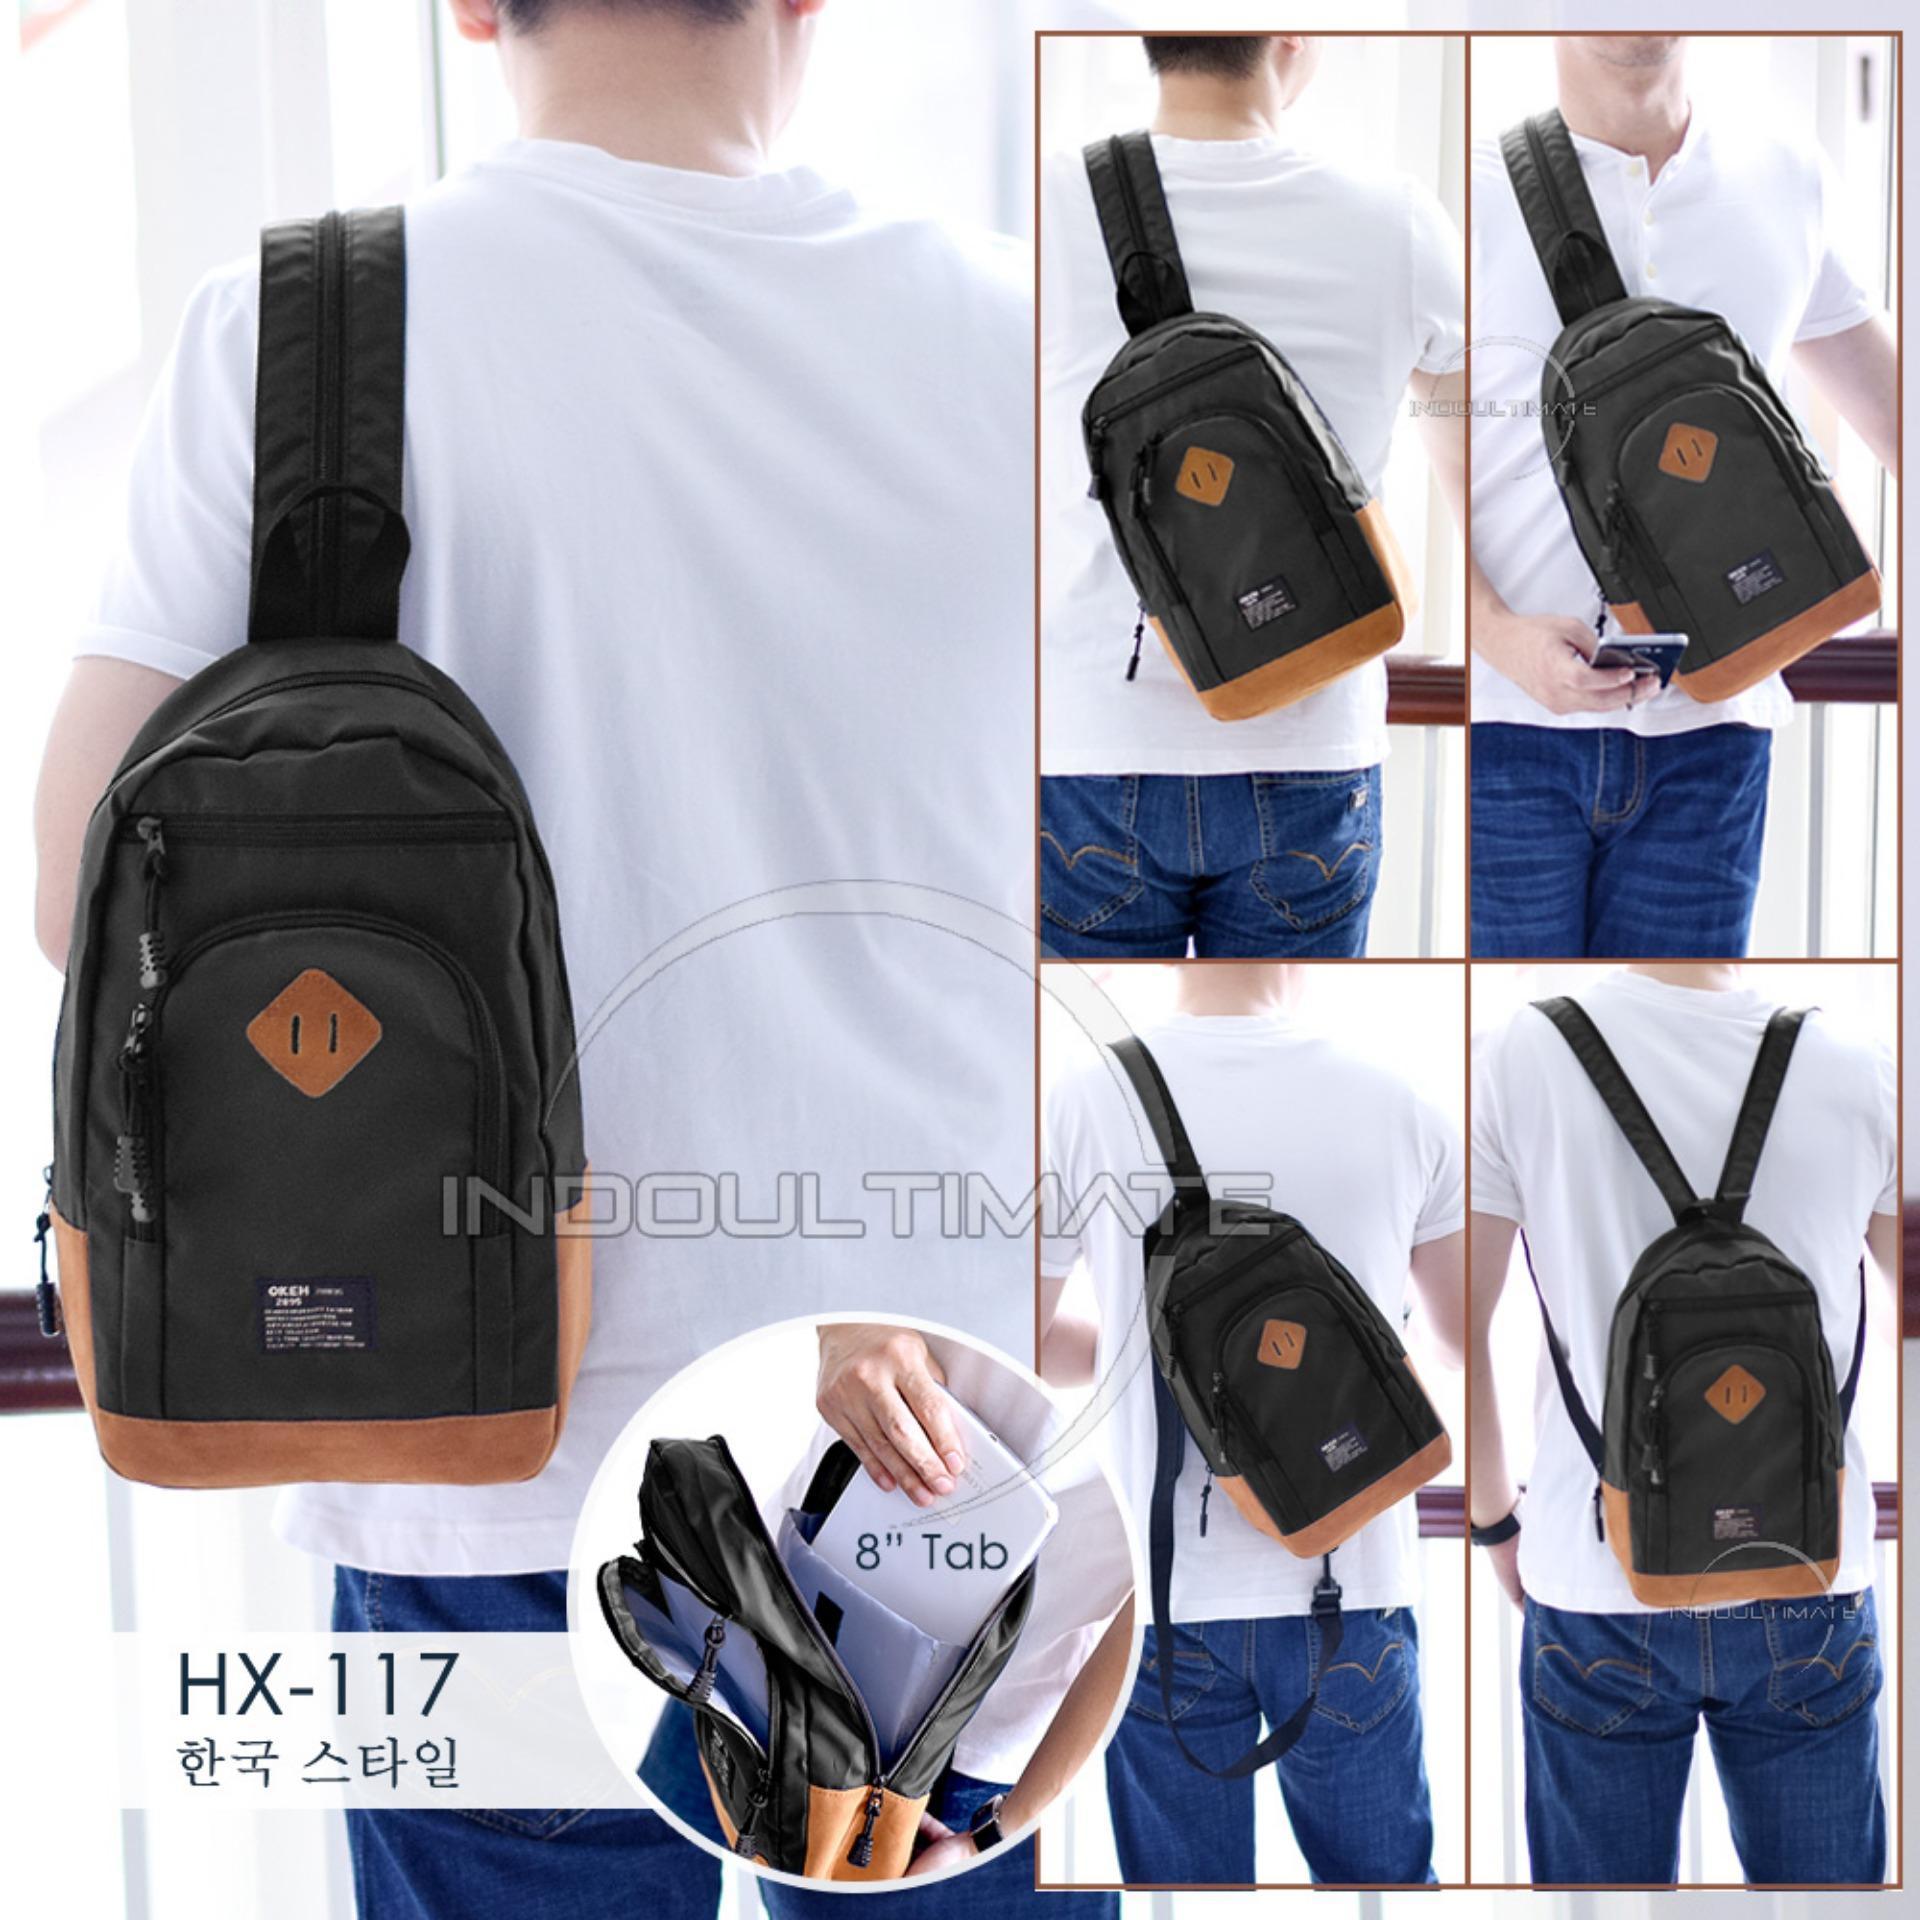 Kehebatan Ultimate Tas Kanvas Selempang Pria Import Jinjing Ransel Im Hx 117 Shoulder Bag